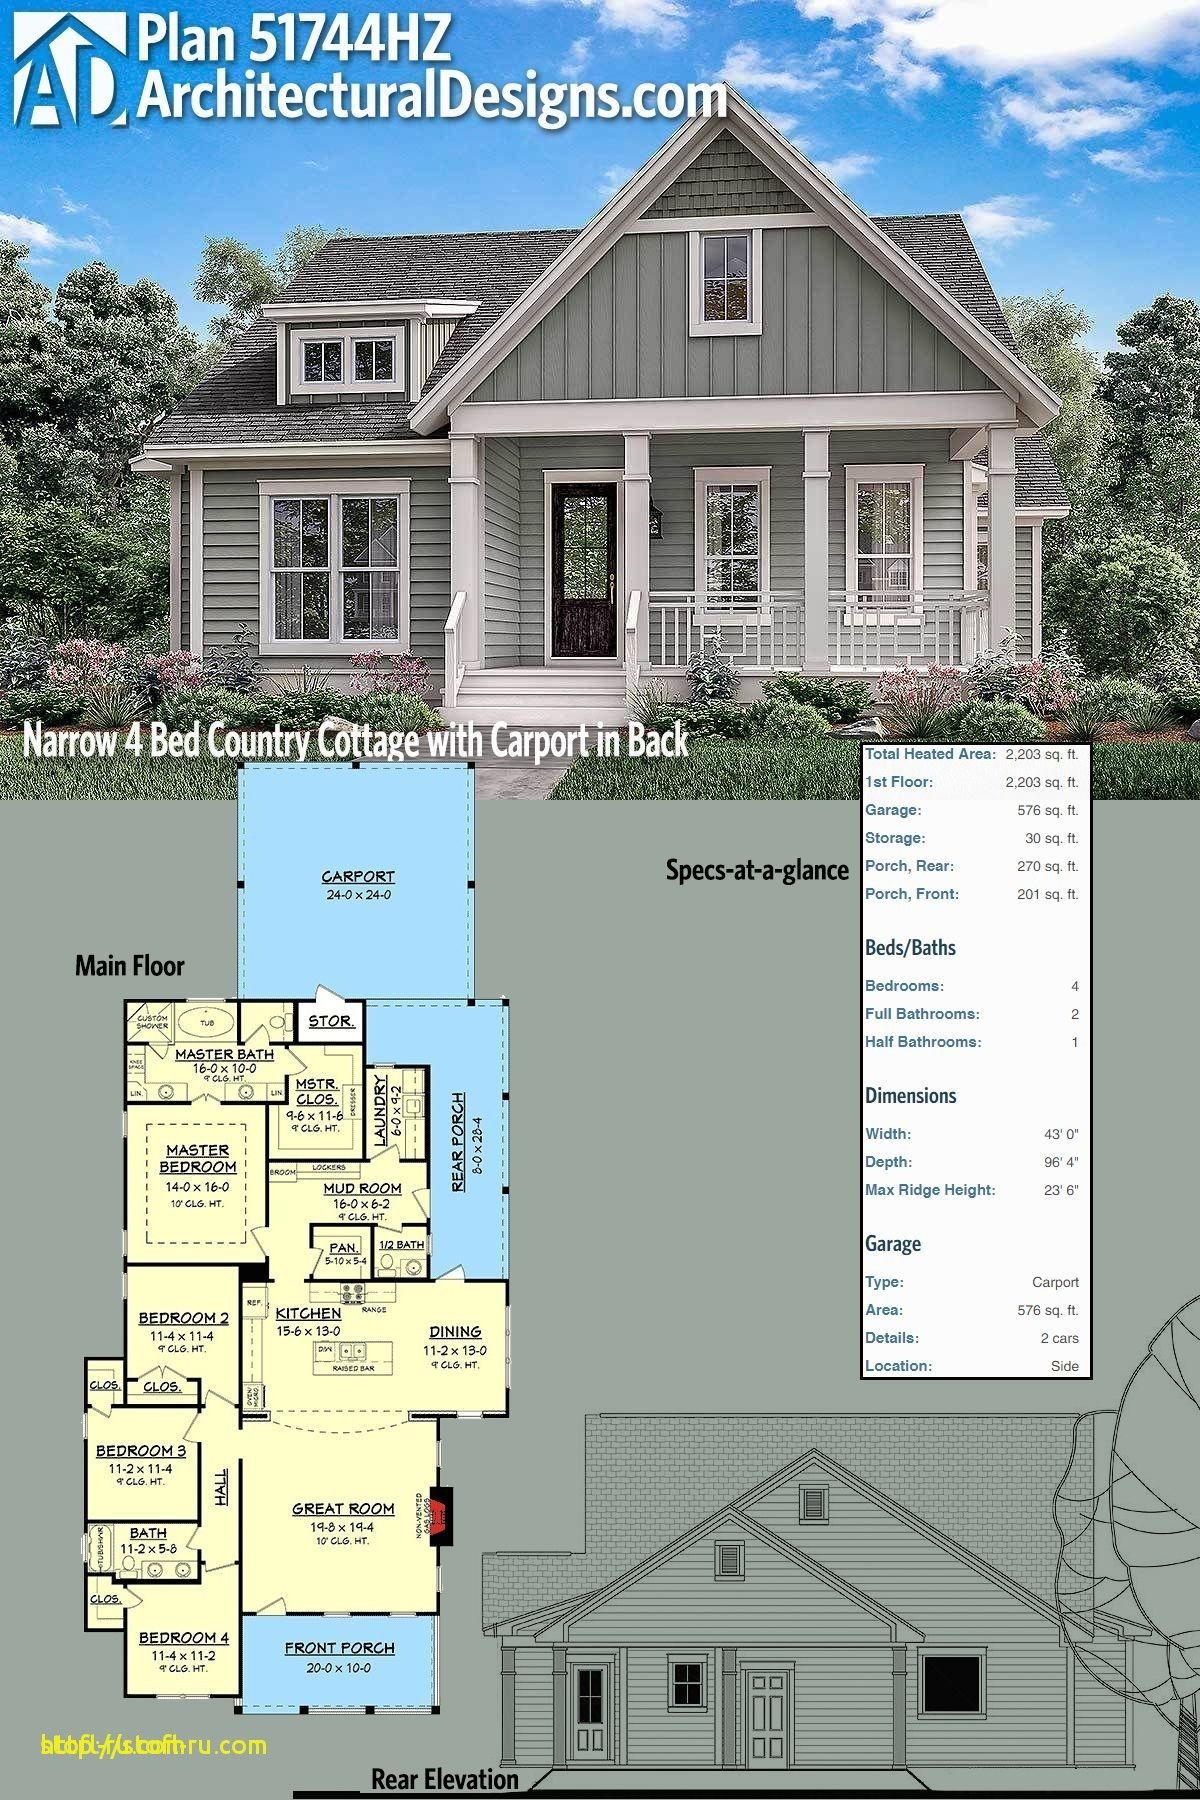 Affordable Craftsman Style Home Plans Craftsmanhouseplans Houseplans Homeplans Craftsmanstylefloorplans Craftsmanhome Arsitektur Denah Rumah Desain Rumah